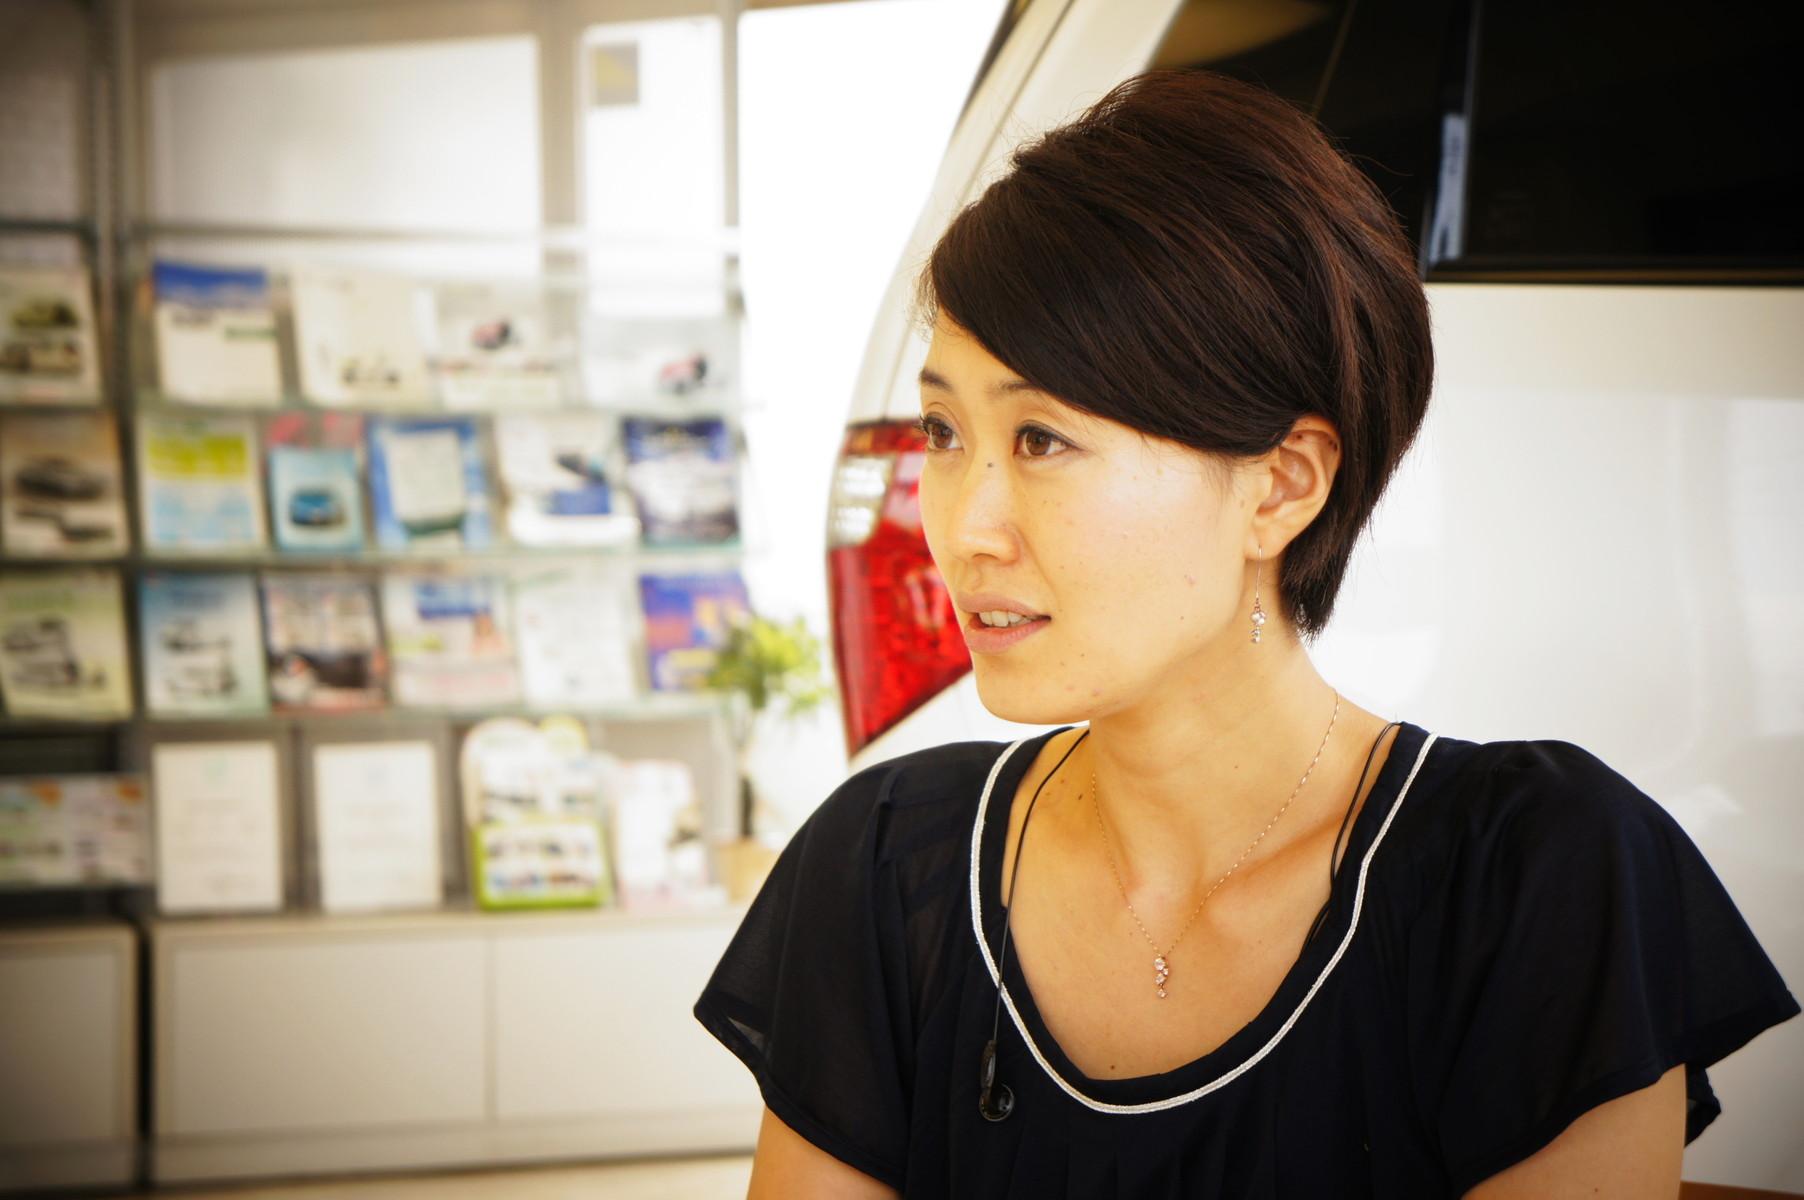 東京トヨペット 自己満足部働くママ社員インタビュー コメント